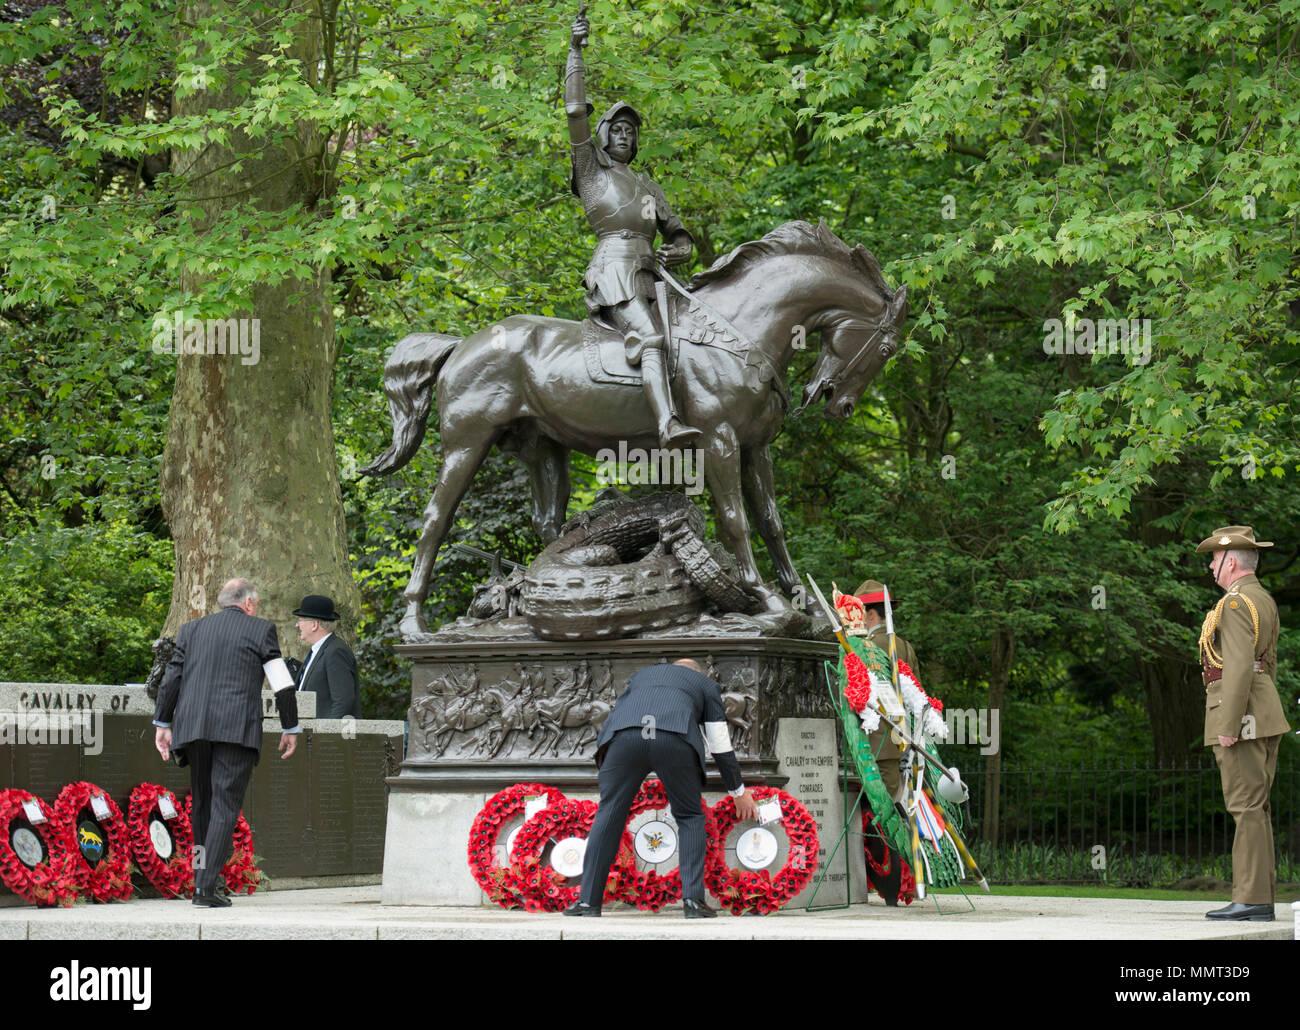 Hyde Park, Londres, Reino Unido. 13 Mayo, 2018. 94 años de la inauguración de su monumento en Hyde Park la caballería y Yeomanry reunir para honrar a aquellos miembros de la caballería y la Yeomanry, quien cayó en la Primera Guerra Mundial y en conflictos posteriores. Su Alteza Real la Princesa Ana KG KT GCVO GCStJ QSO GCL CD El coronel de los Blues y Royals toma el saludo en el Desfile Anual y servicio de la Asociación de antiguos camaradas de Caballería combinada en la caballería Memorial adyacente al quiosco en Hyde Park. Crédito: Malcolm Park/Alamy Live News. Imagen De Stock